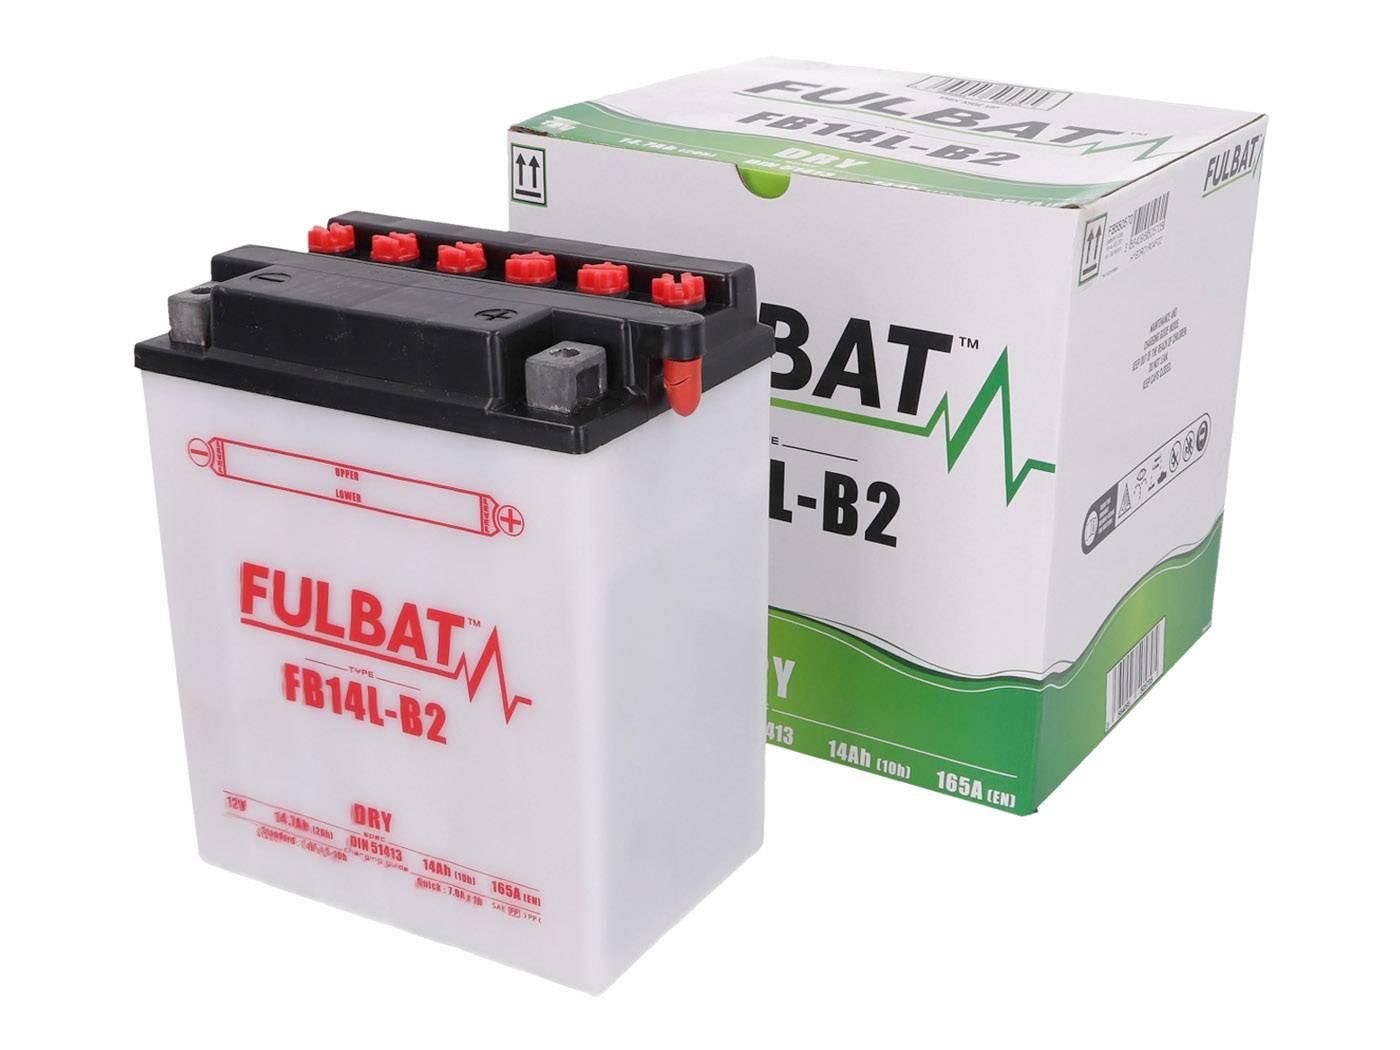 Fulbat FB14L-B2 DRY száraz akkumulátor + savcsomag